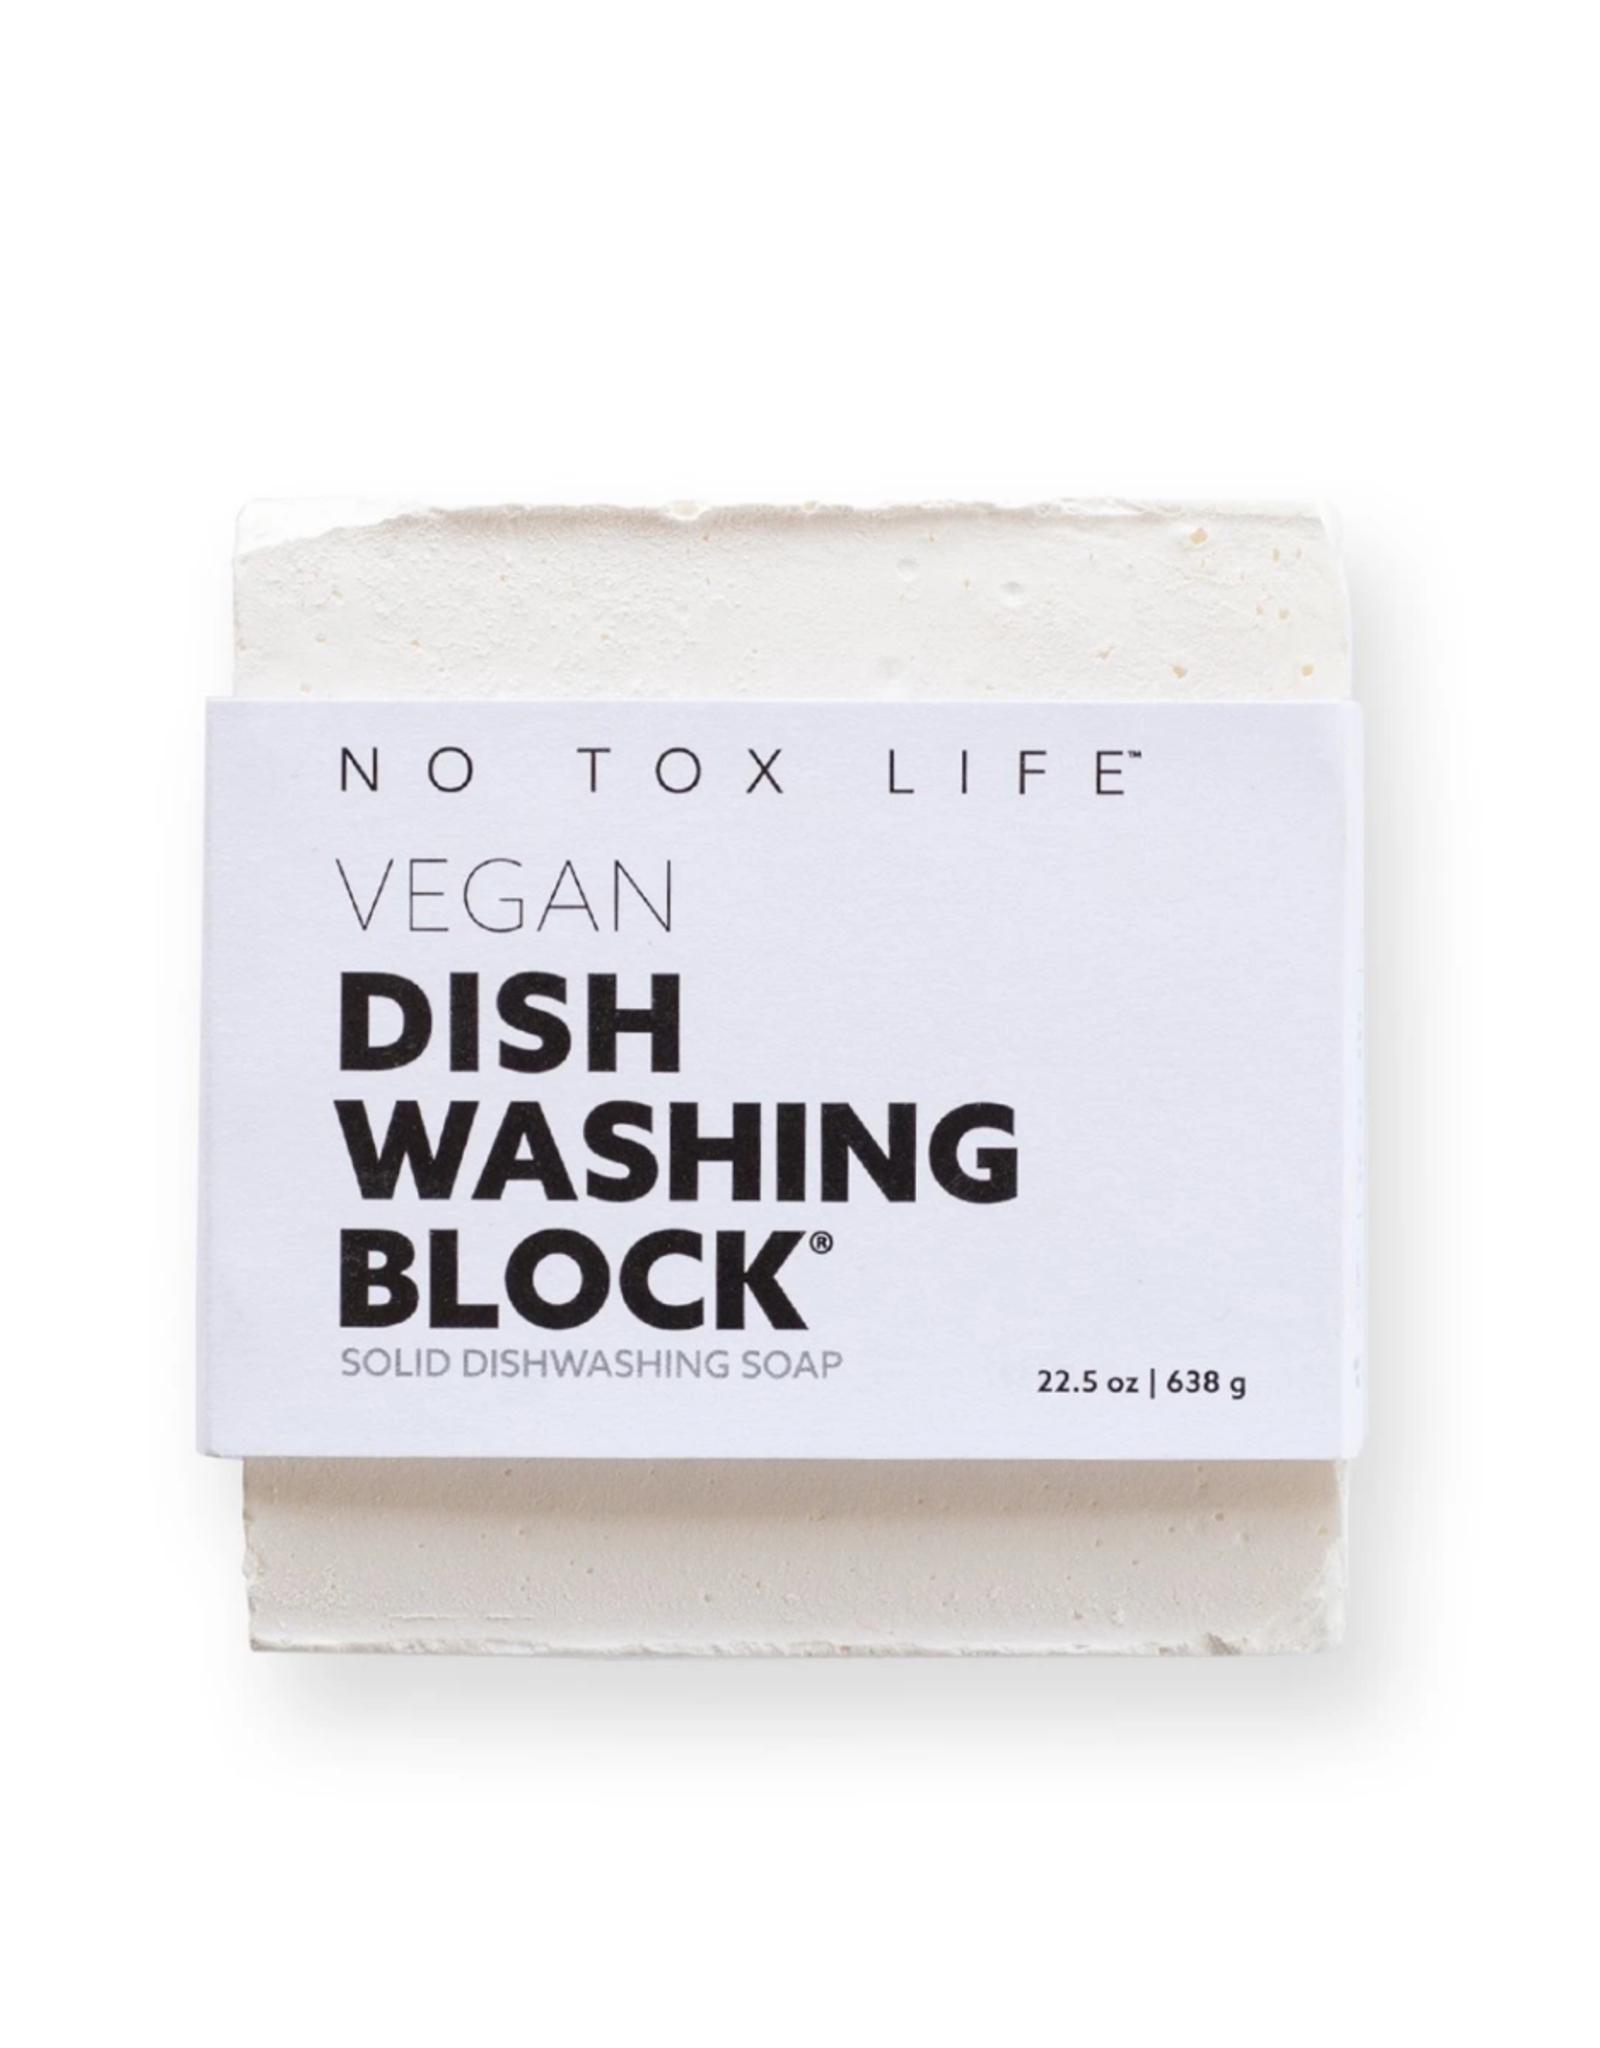 NFE - Vegan Dish Washing Block Soap/22.5 oz